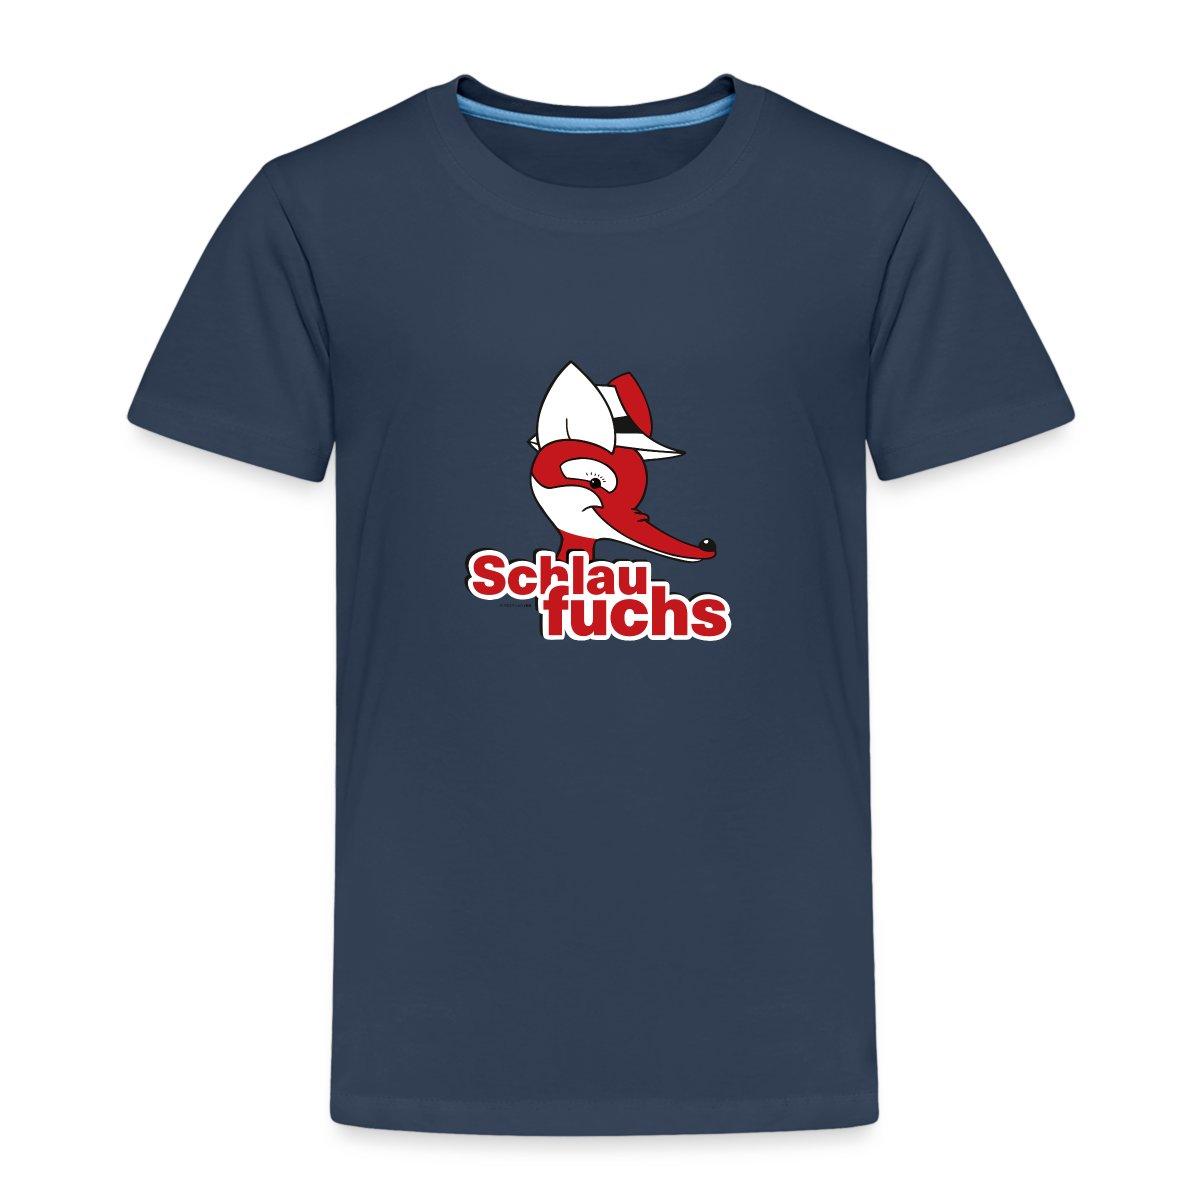 Sandmaennchen-Herr-Fuchs-Schlaufuchs-Kinder-Premium-T-Shirt-von-Spreadshirt